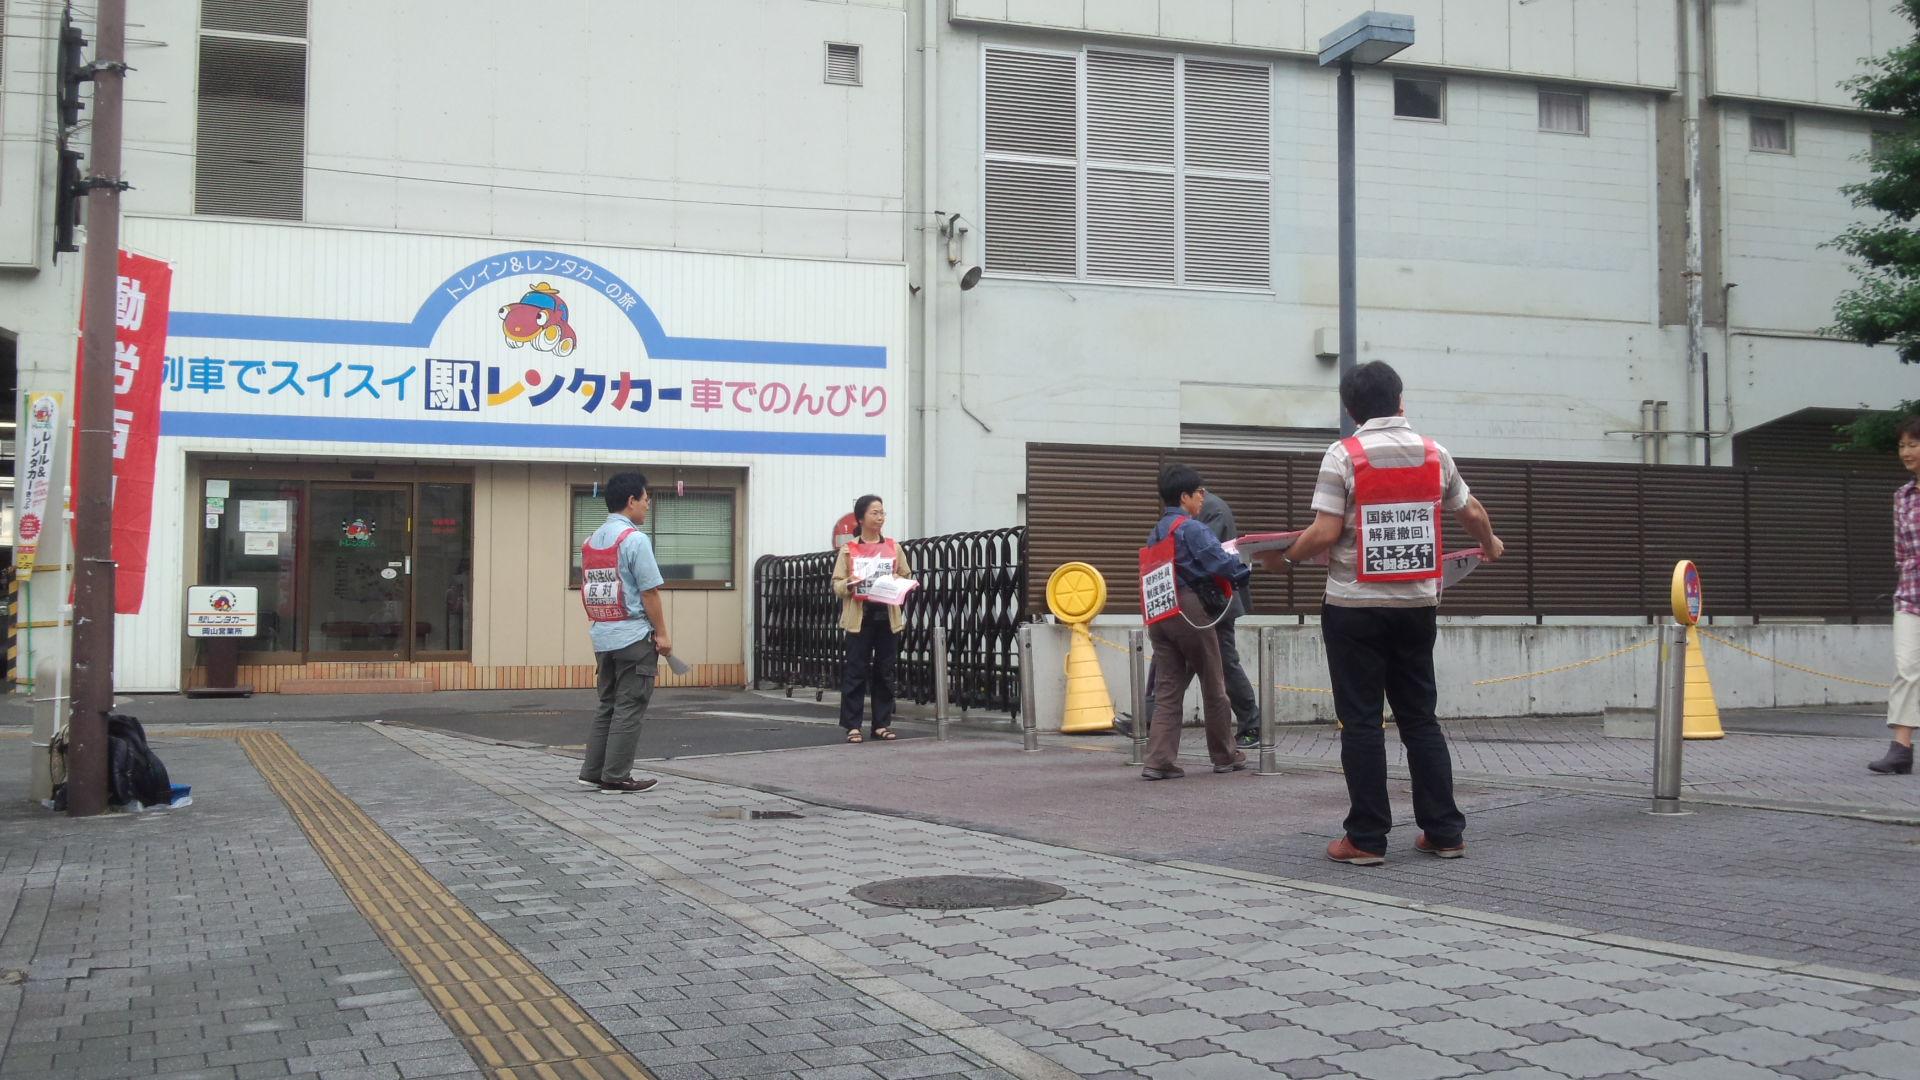 岡山駅東口で本部情報を配った_d0155415_16312971.jpg